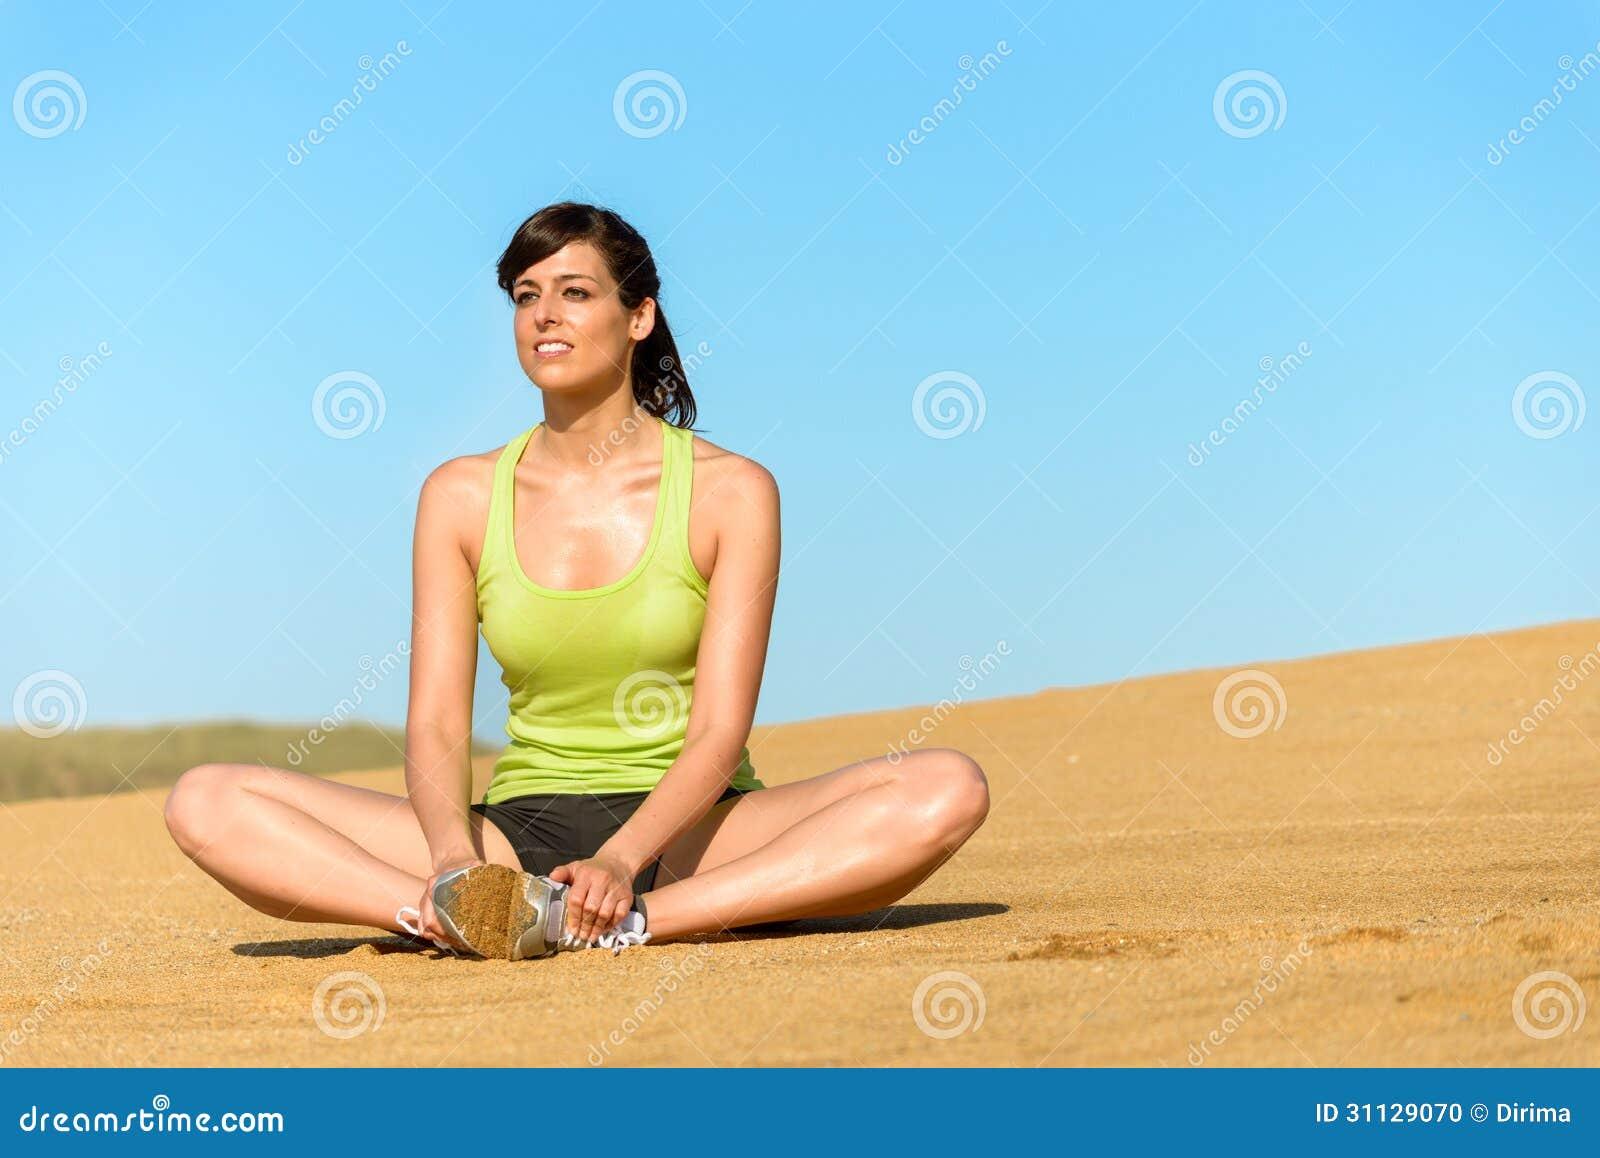 Happy woman relaxing on beach in summer beautiful brunette sporty